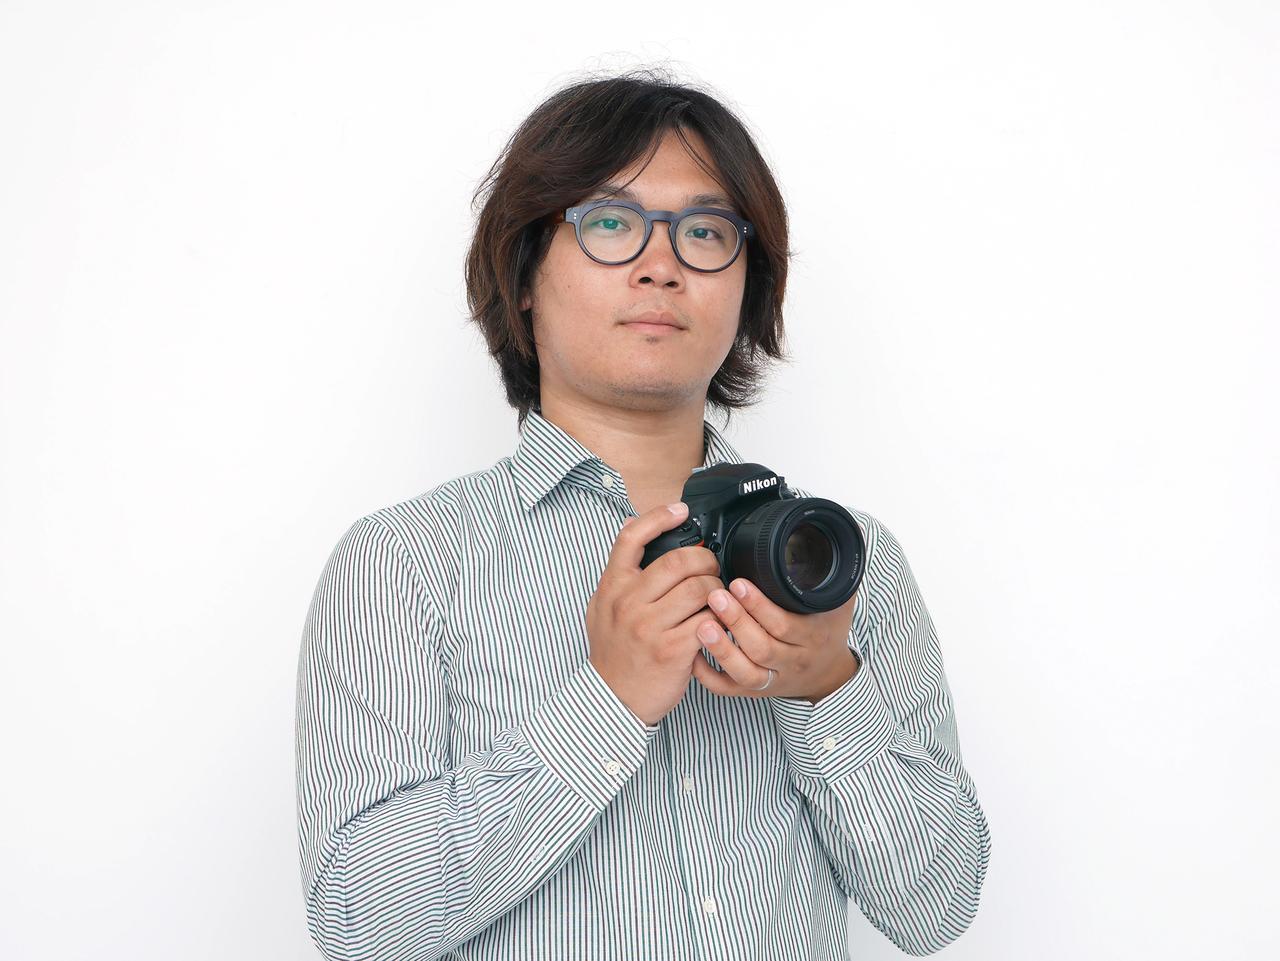 画像: 写真家。米国サンフランシスコに留学し、写真と映像の勉強しながらテレビ番組、CM、ショートフィルムなどを制作。帰国後、写真家塙真一氏のアシスタントを経て、フリーランスのフォトグラファーとして活動開始。人物を中心に撮影し、ライフワークとして世界中の街や風景を撮影。近年では、講演や執筆活動も行っている。主な著書に「写真がもっと上手くなる デジタル一眼 撮影テクニック事典101」「写真が上手くなる デジタル一眼 基本&撮影ワザ」「ニコン デジタルメニュー100%活用ガイド」などがある。